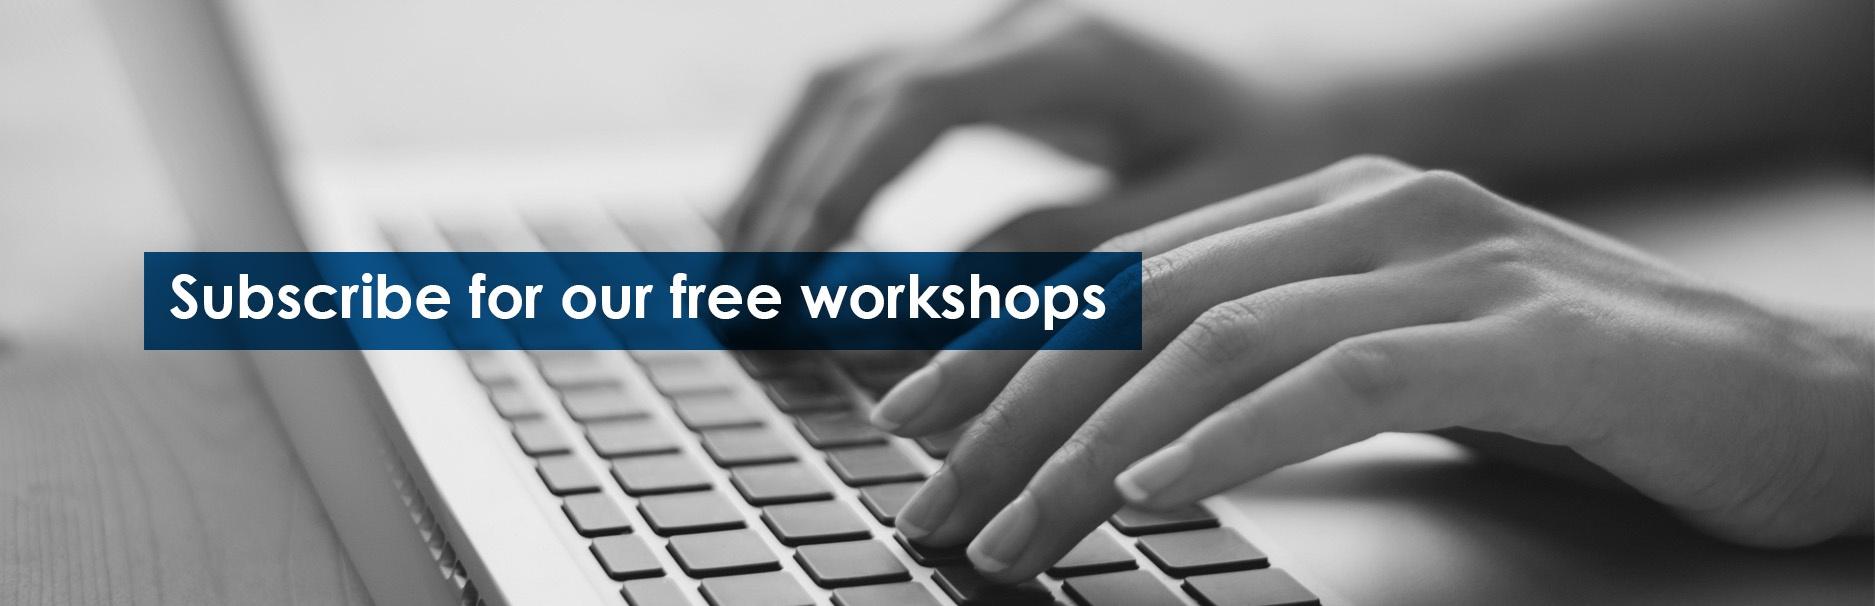 Gratis workshop banner ENG.jpg